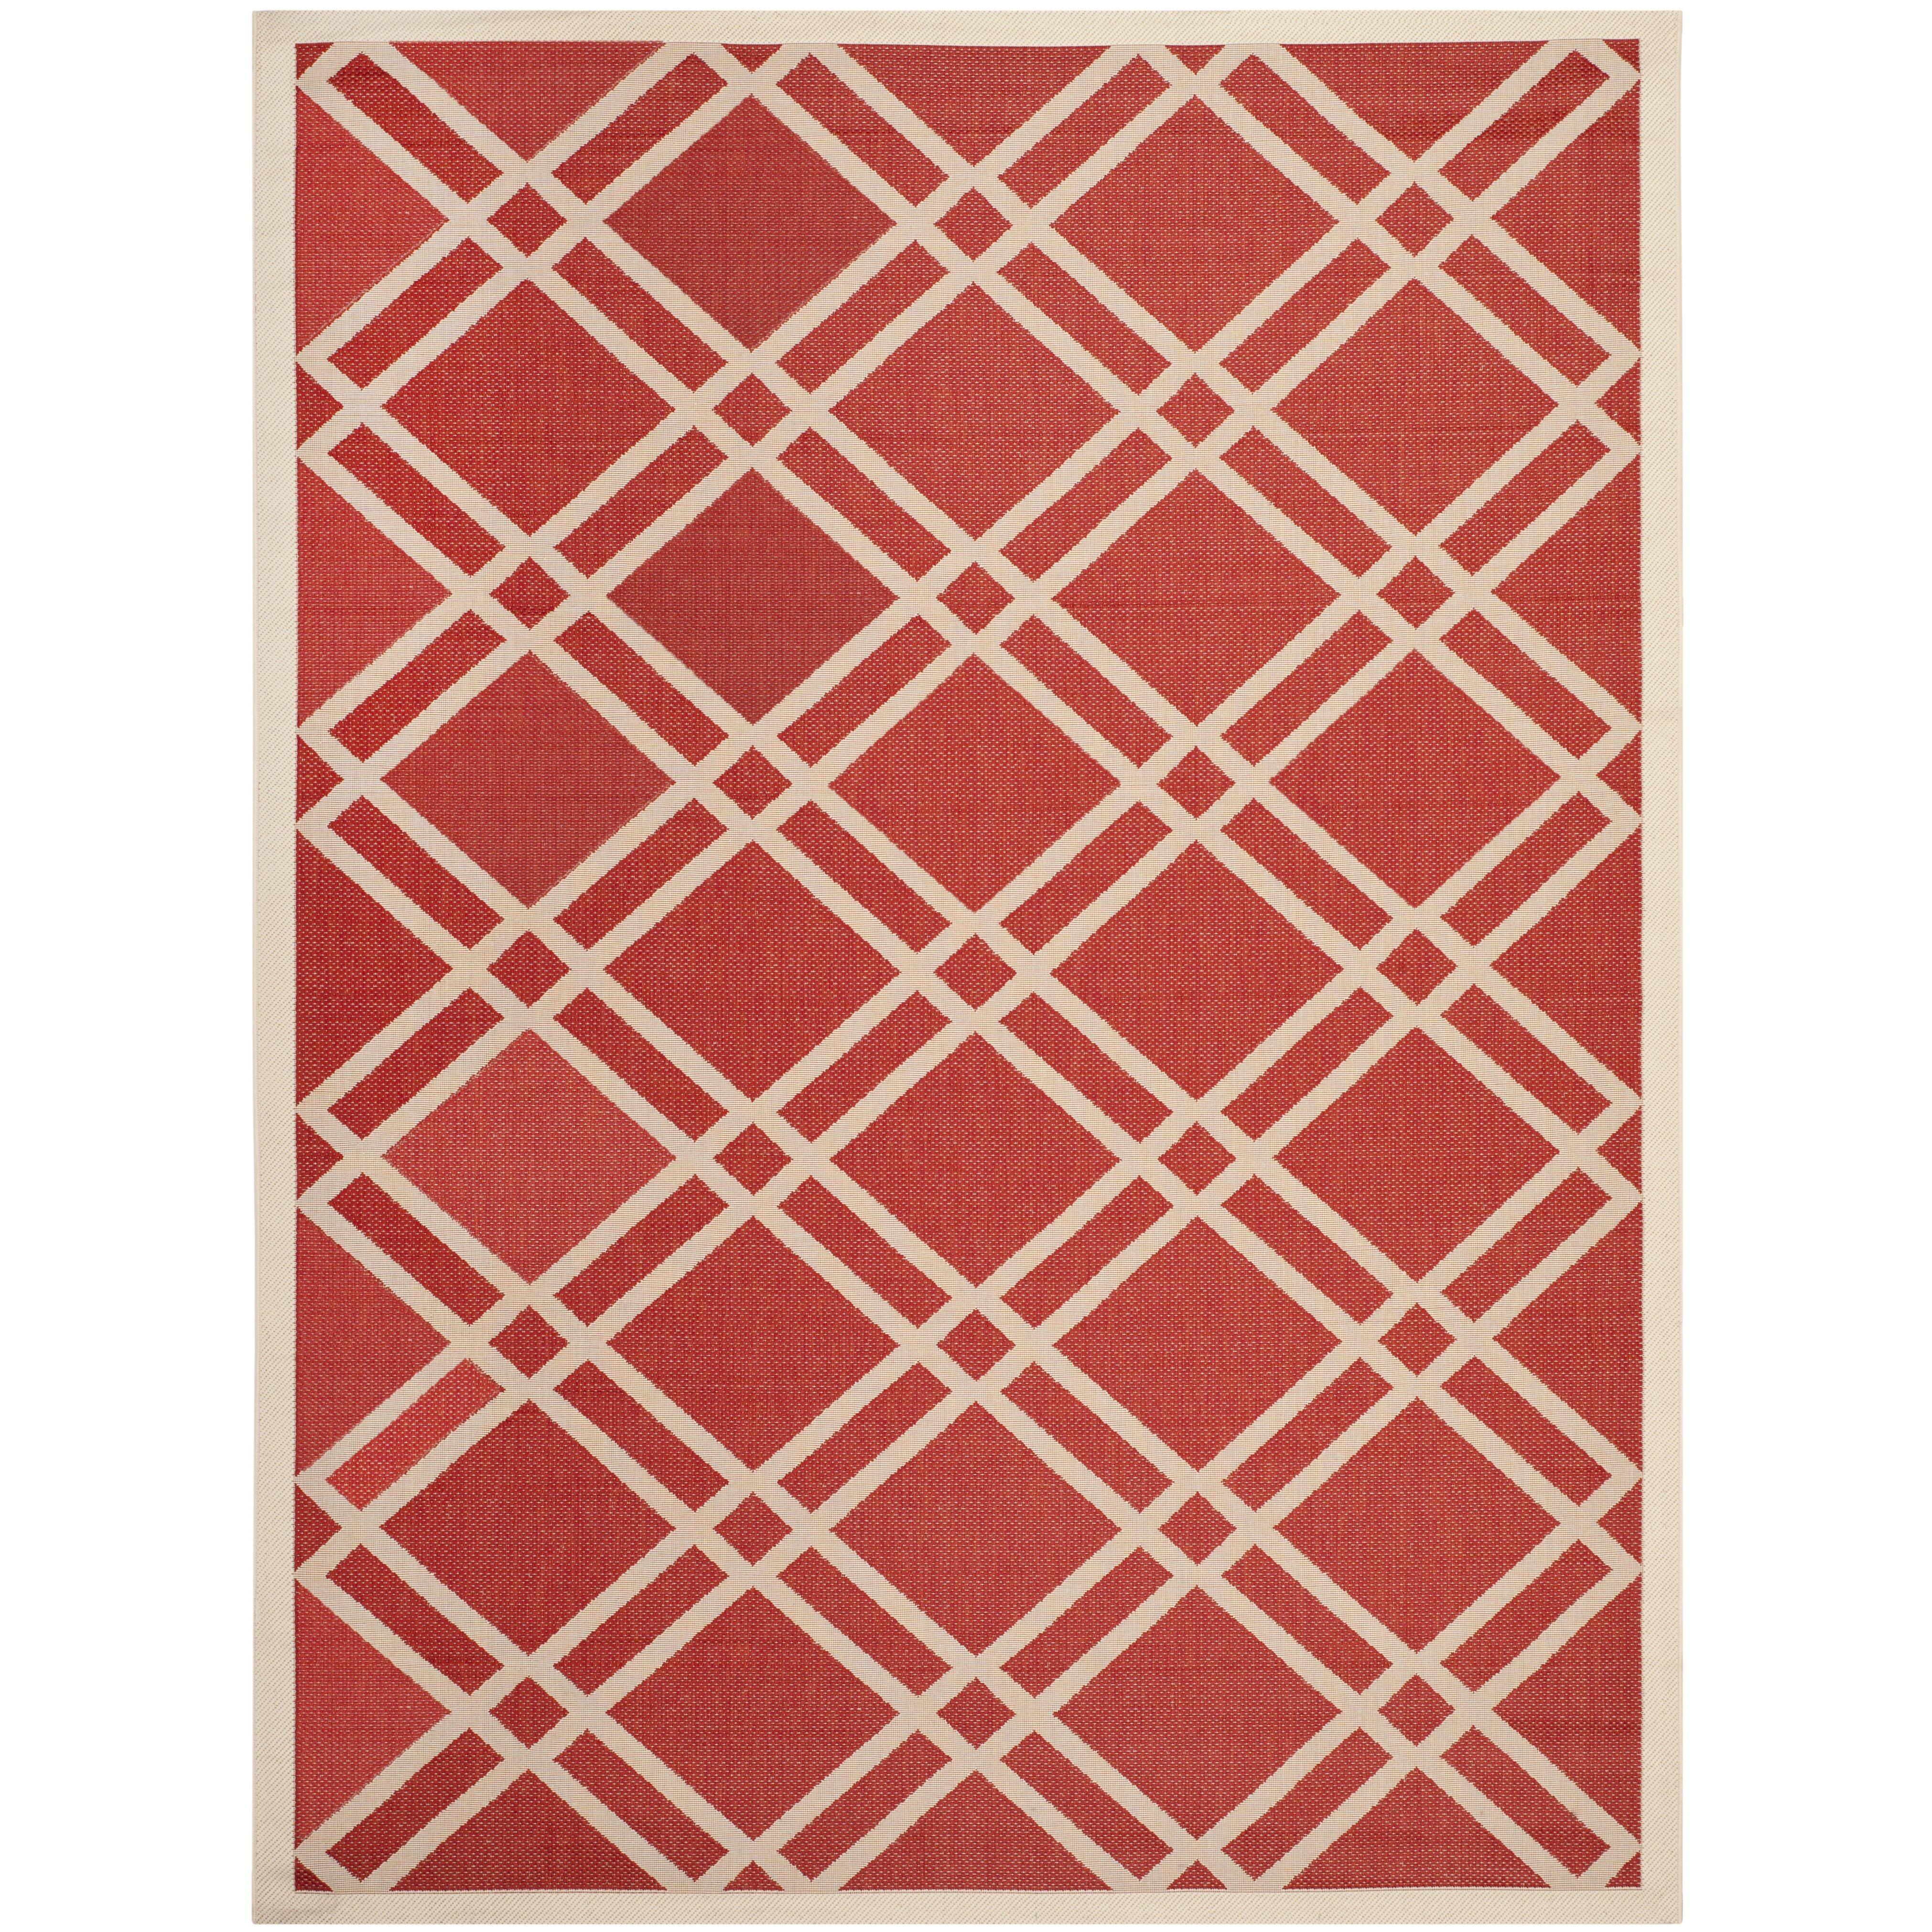 Safavieh mason red indoor outdoor area rug reviews for Indoor outdoor rugs uk